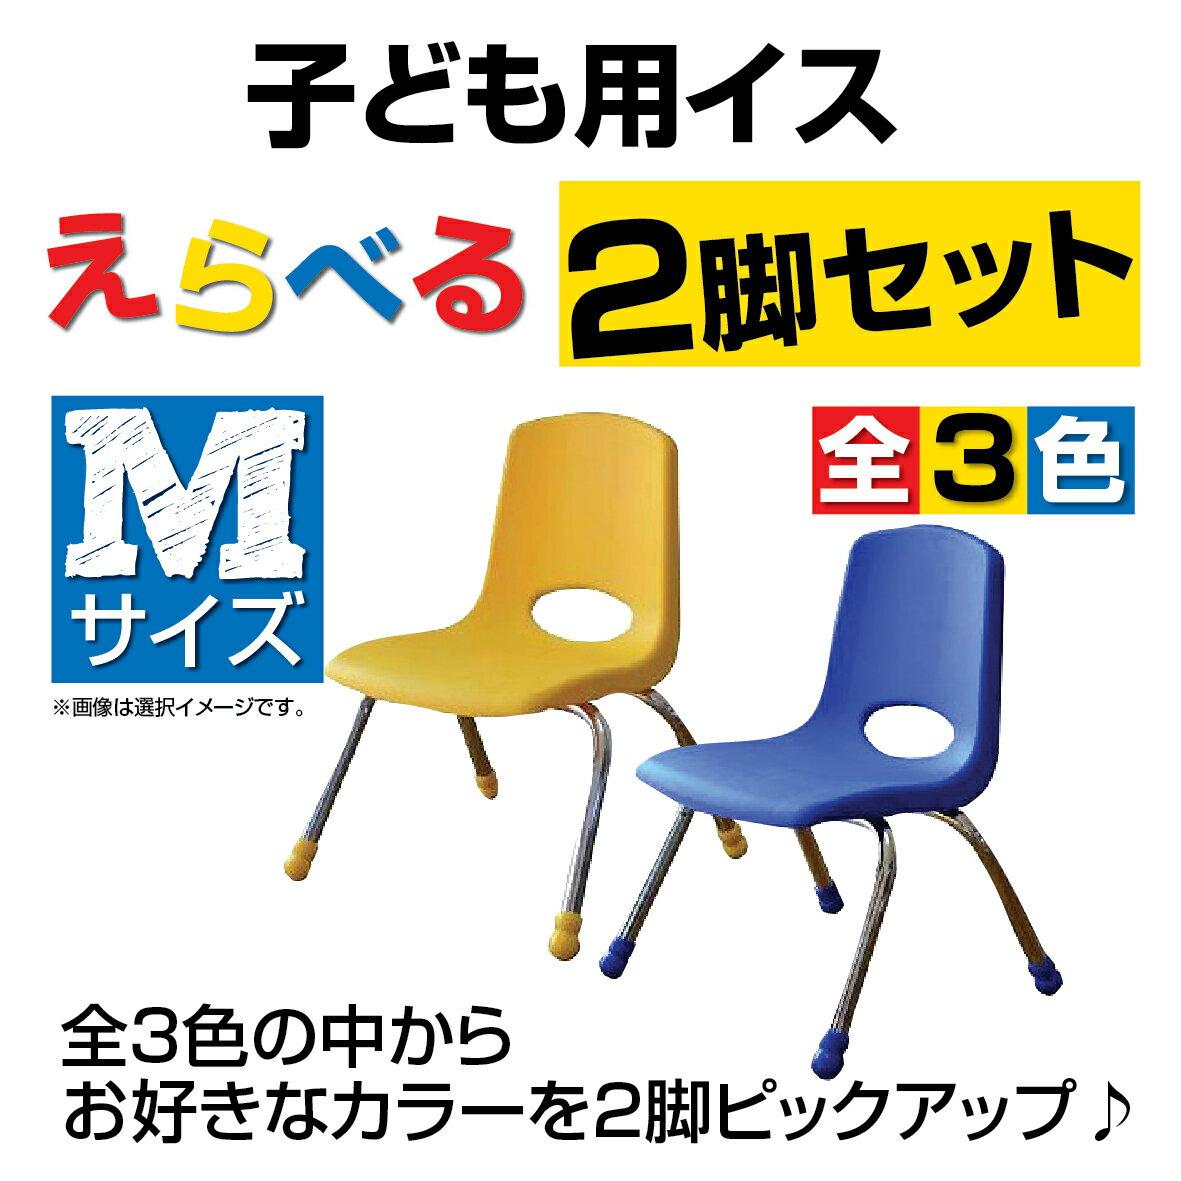 MAMENCHI 子供用イス M 2脚のページ 送料込み価格 頑丈な椅子 ヨーロッパやアメリカではスクールチェアとして使用されています。